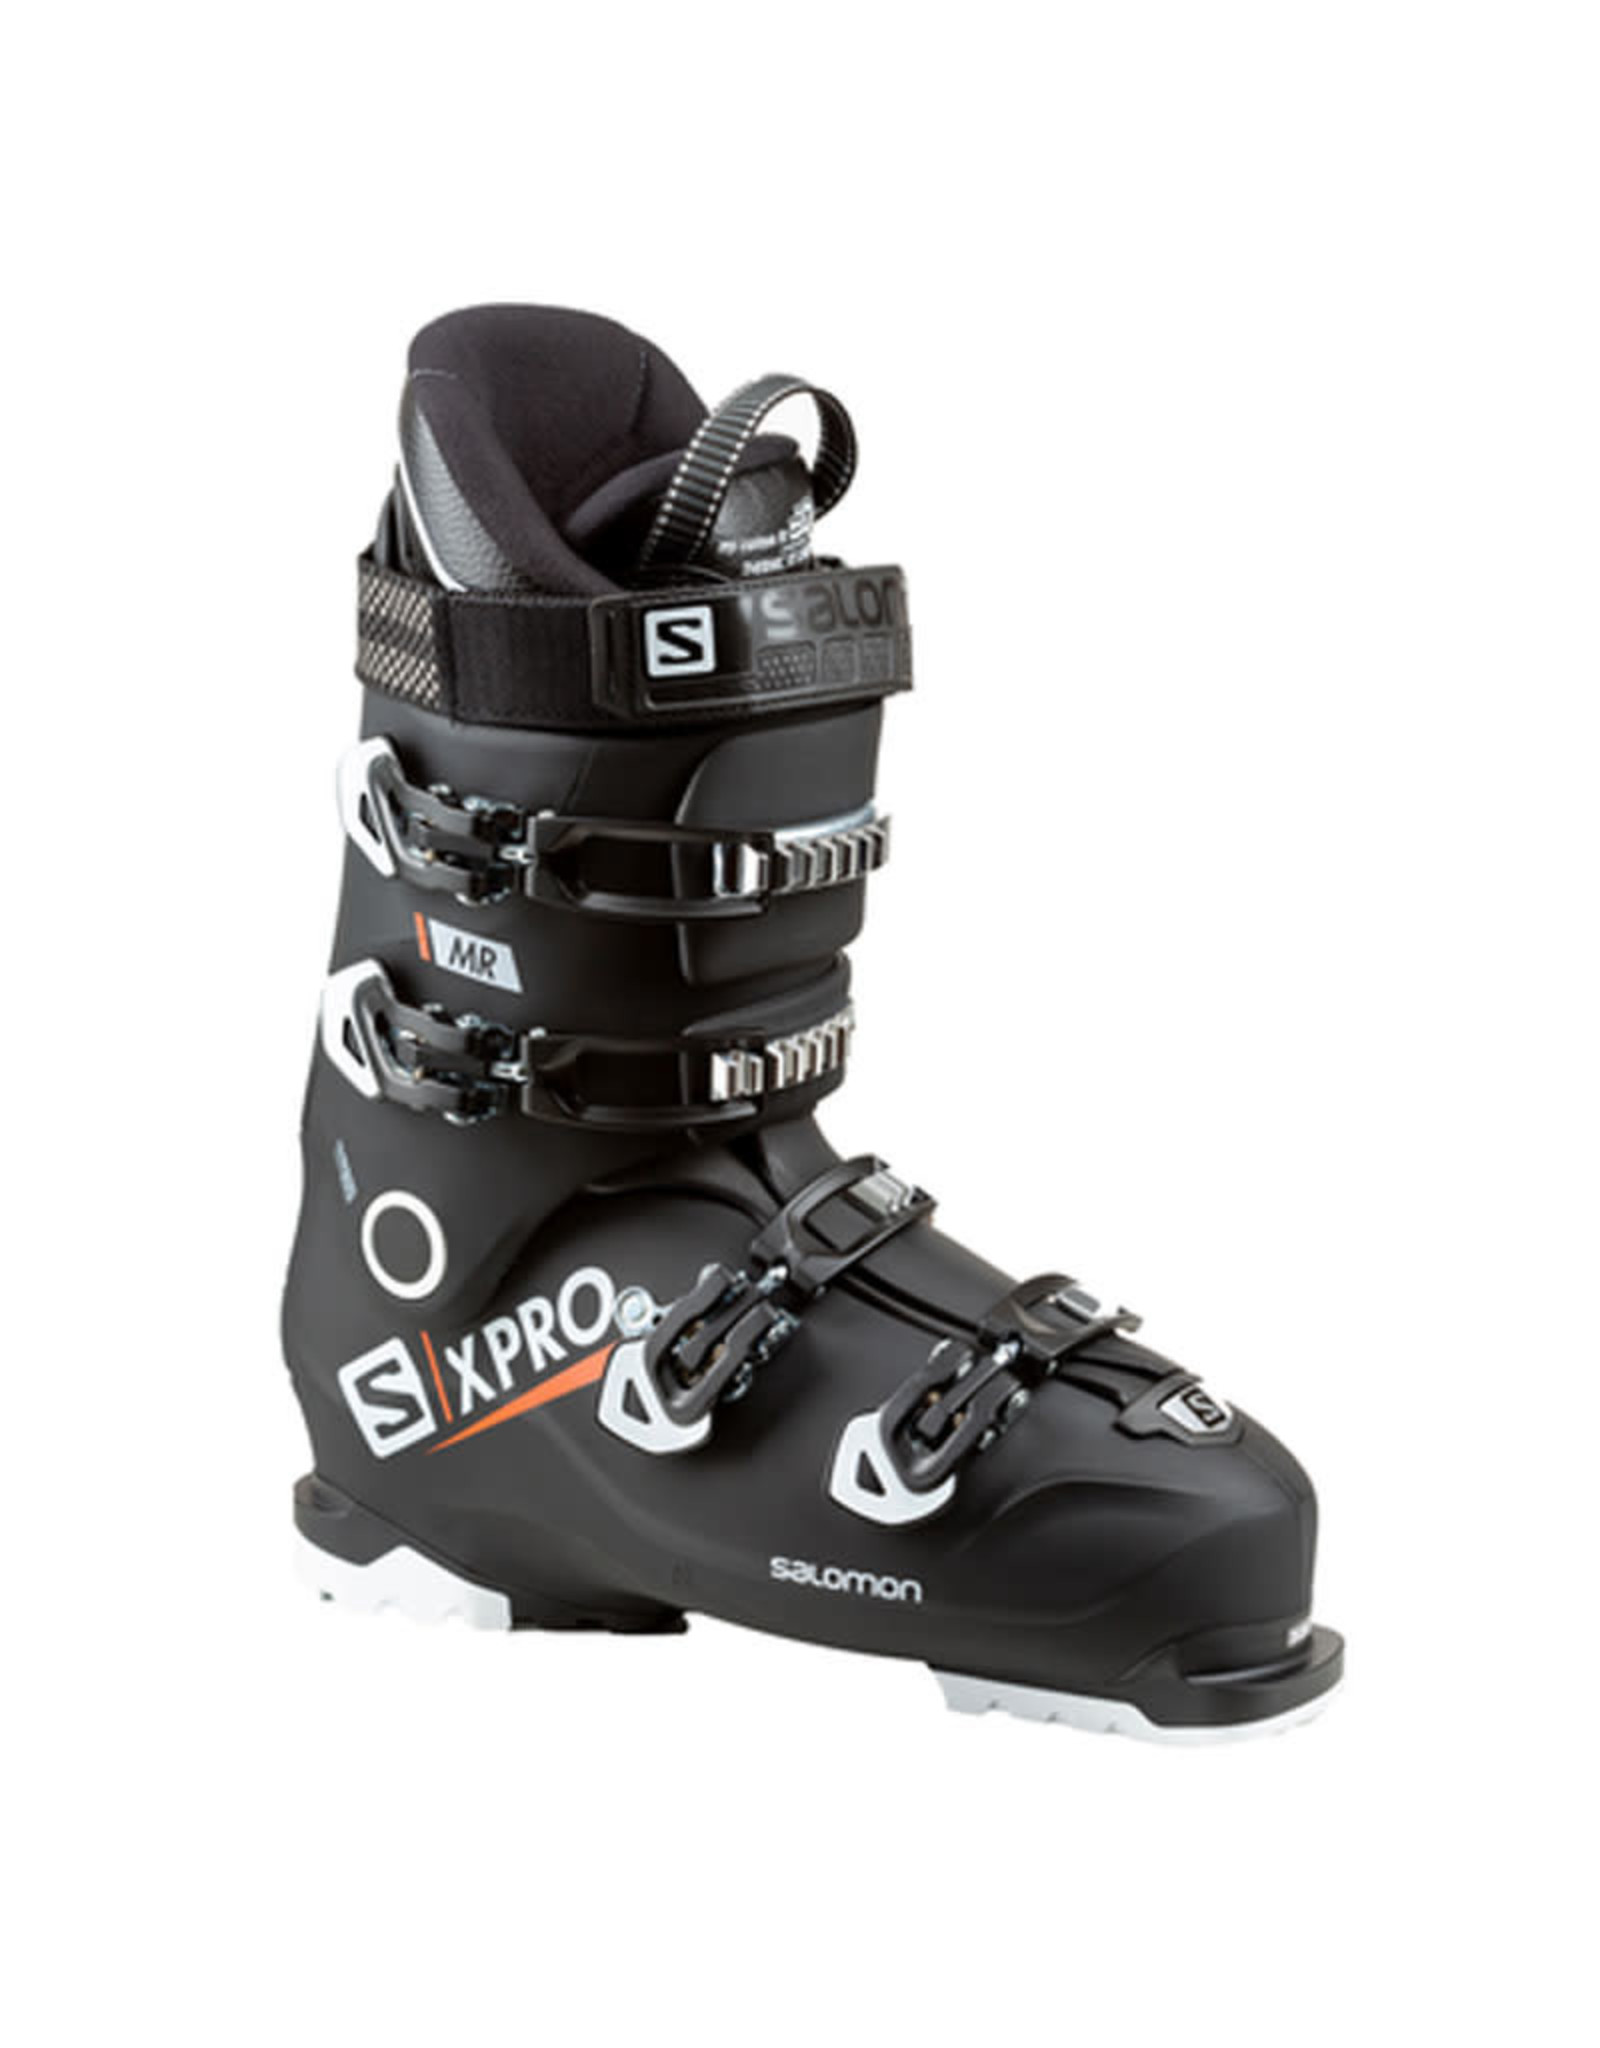 SALOMON Skischoenen SALOMON Xpro MR  Zw/wit/Oranje Gebruikt